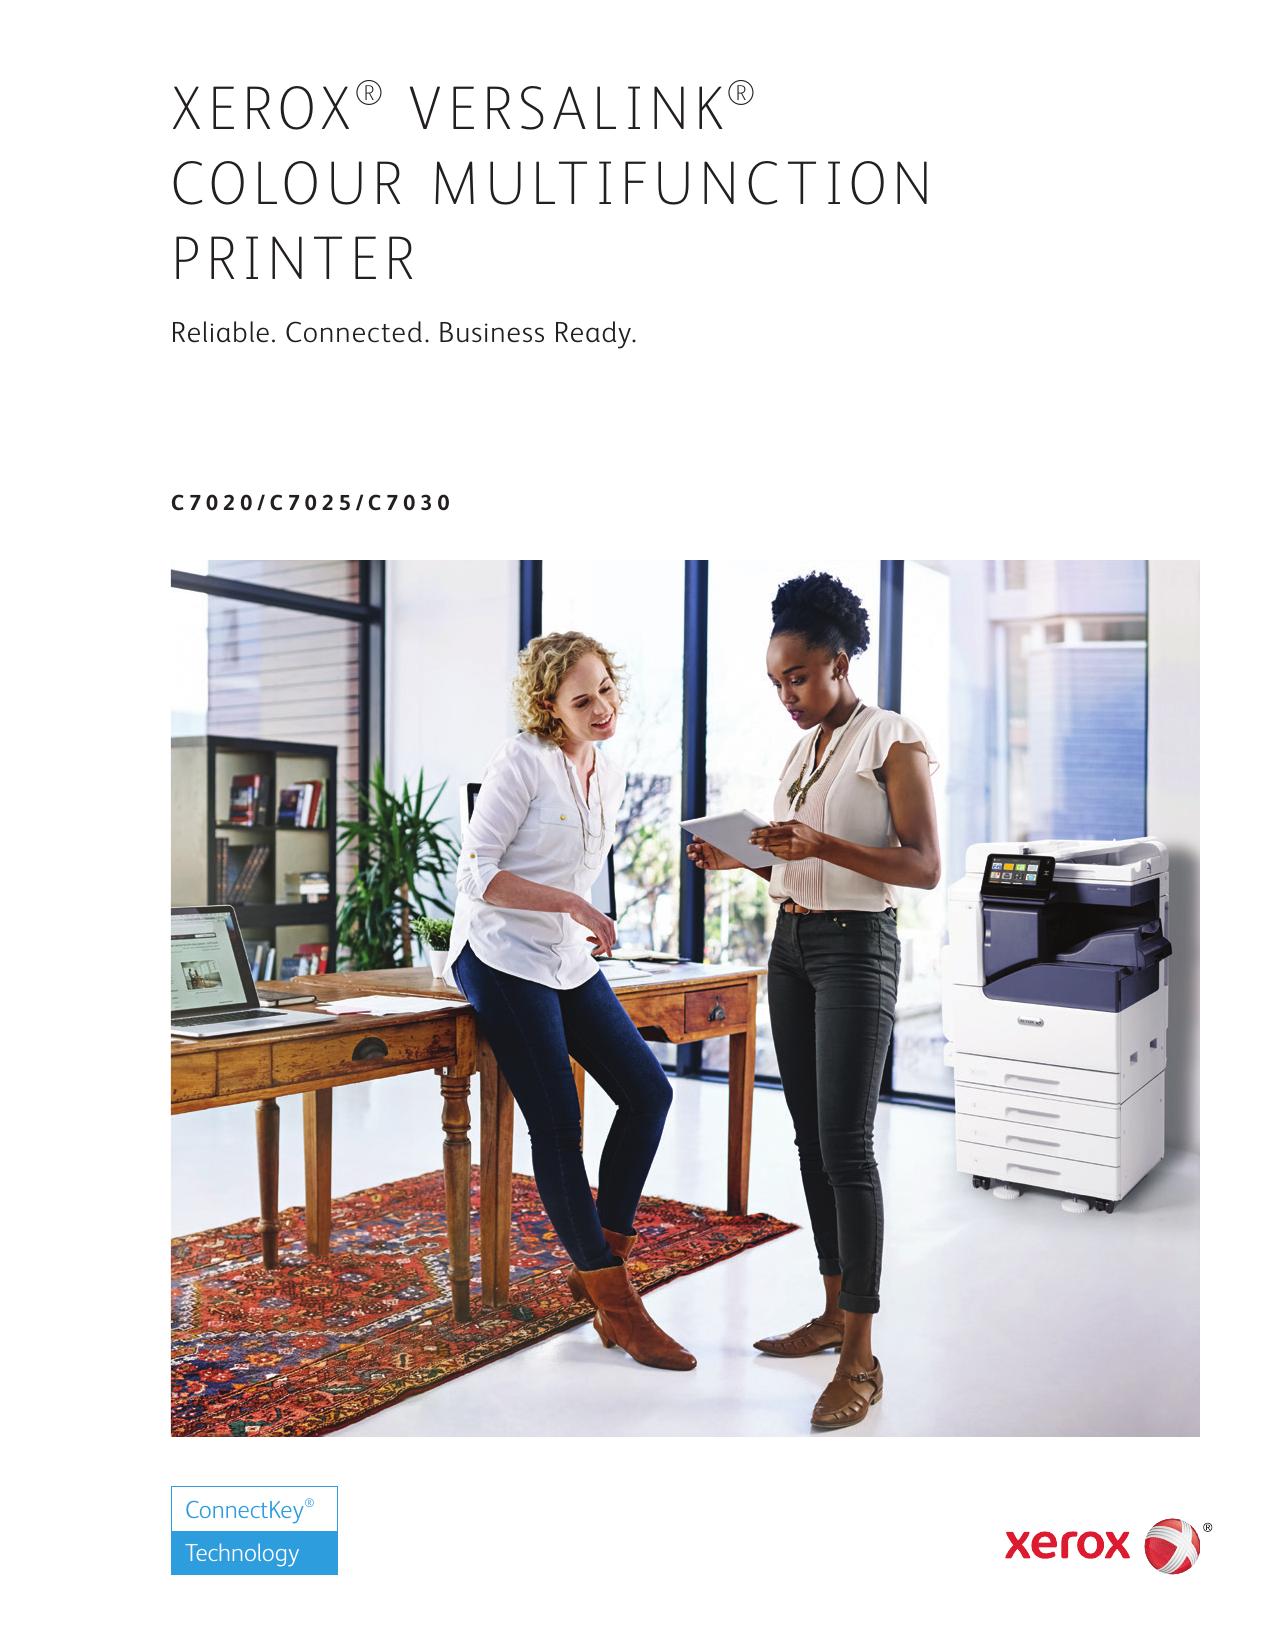 Xerox VersaLink C7020/C7025/C7030 Color Multifunction